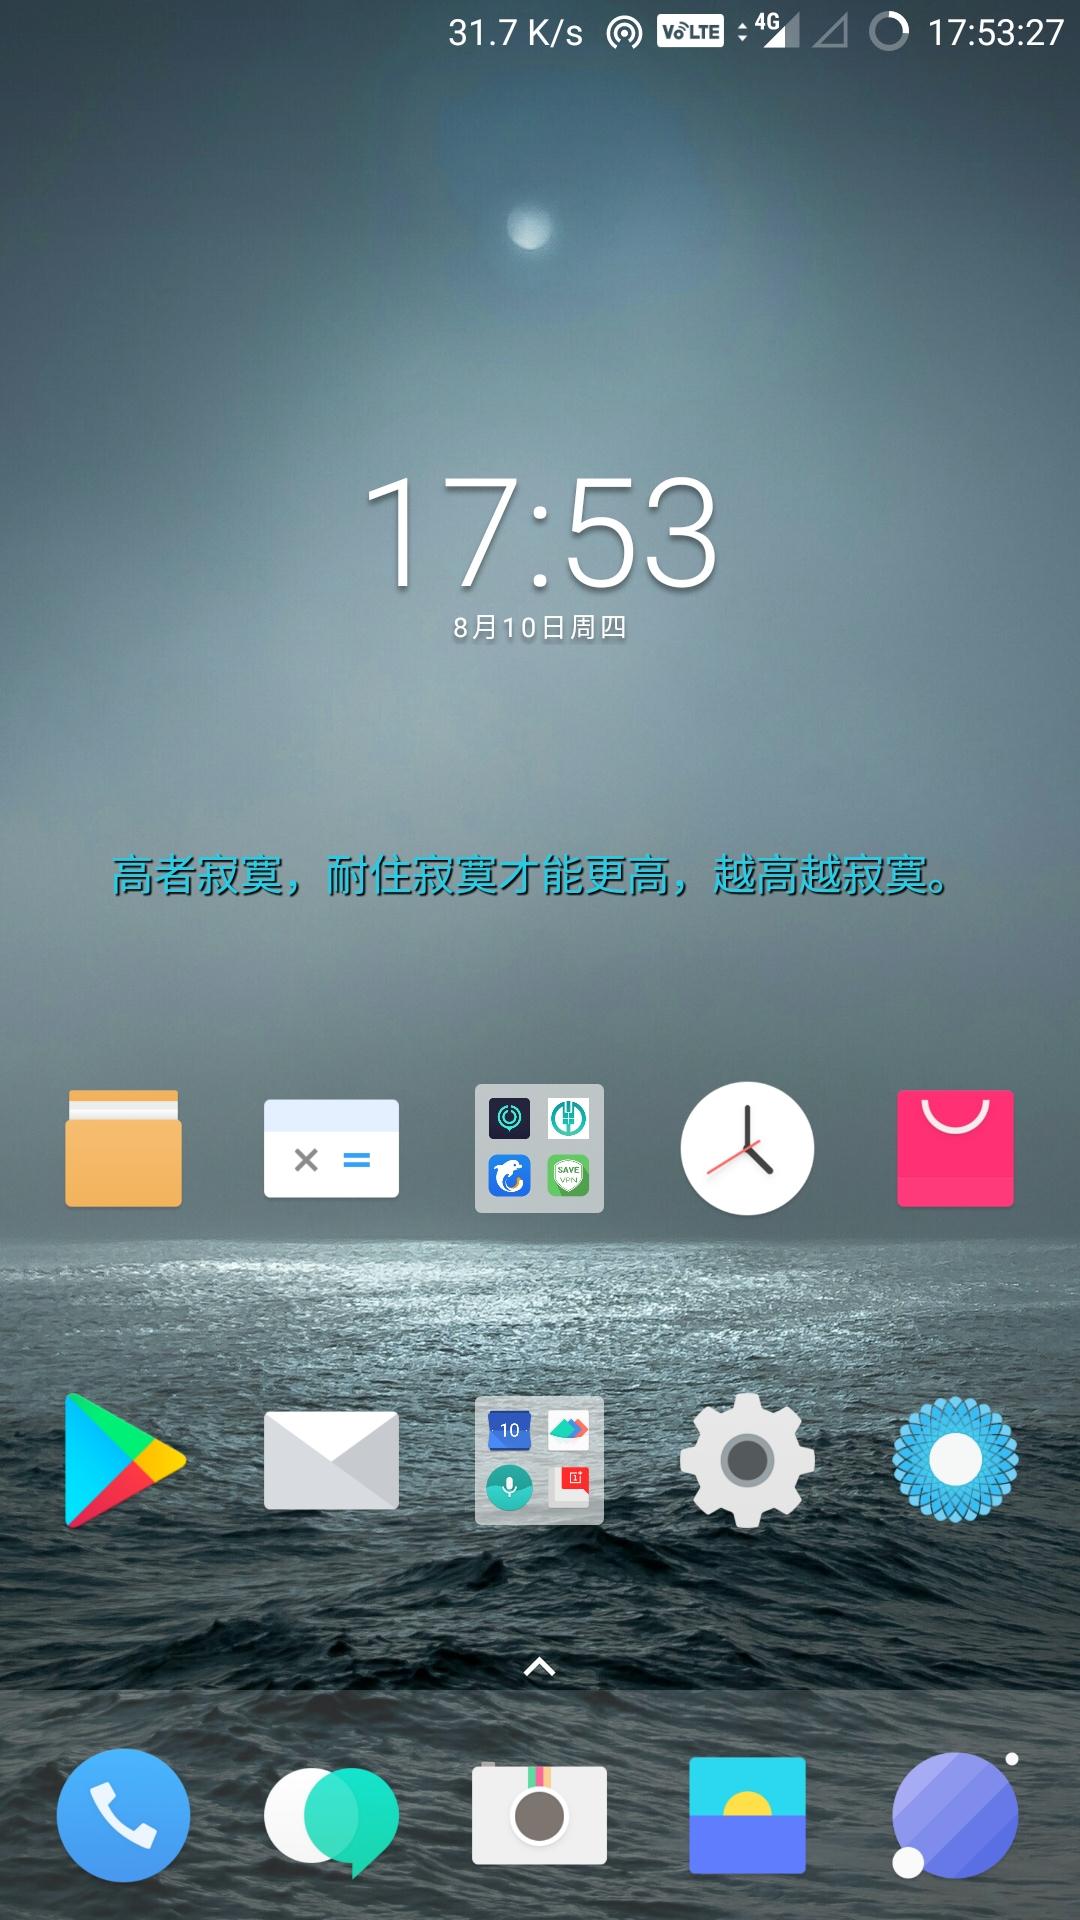 月宴会Screenshot_20170810-175328.jpg